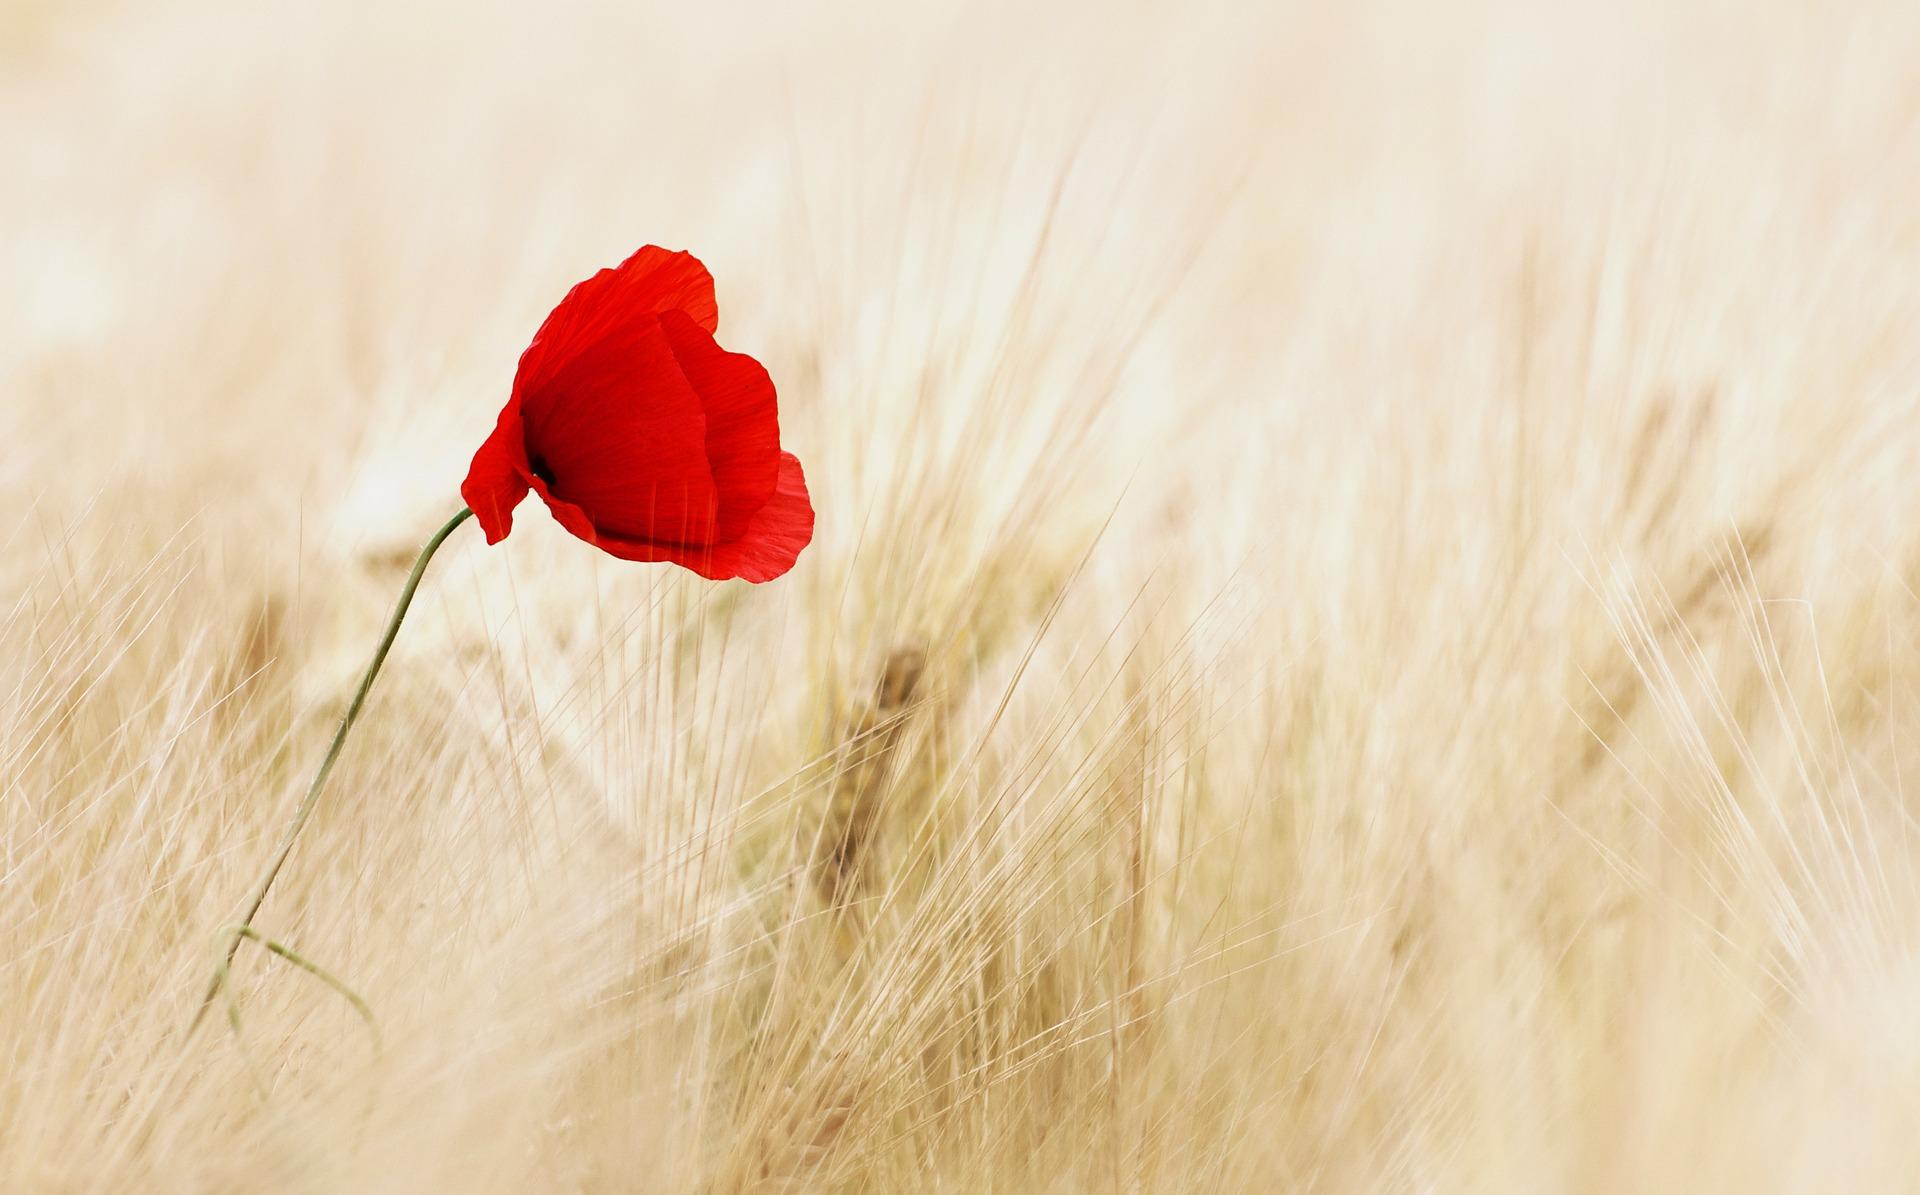 alege floarea preferata - mac - sfatulparintilor.ro - pixabay_com - cereals-100263_1920